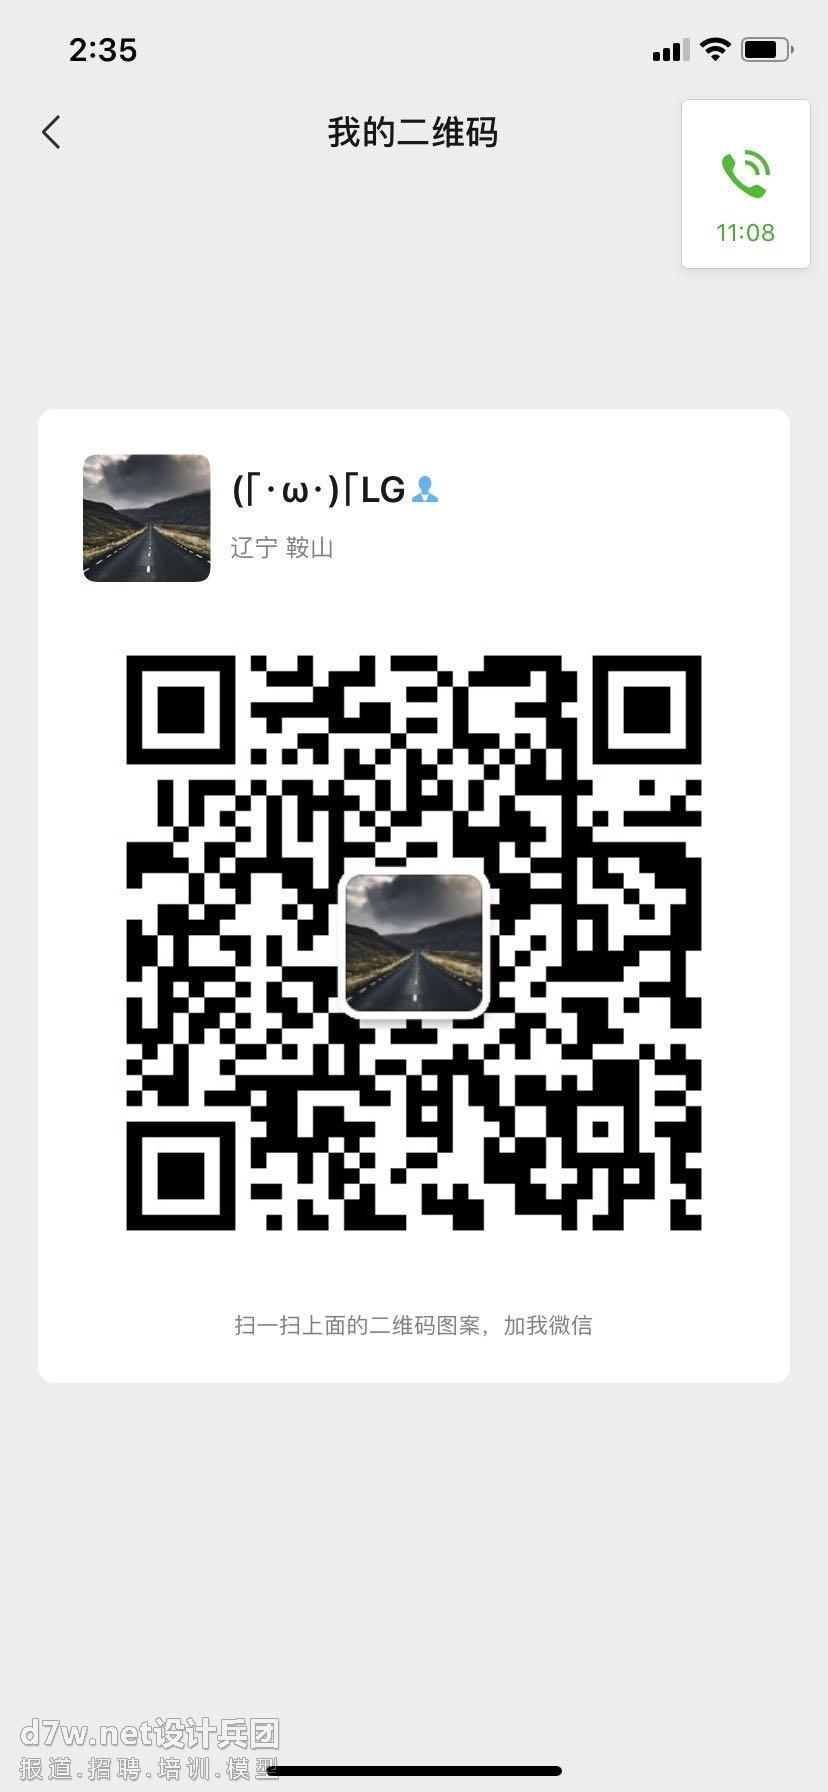 微信图片_20200317143537.jpg